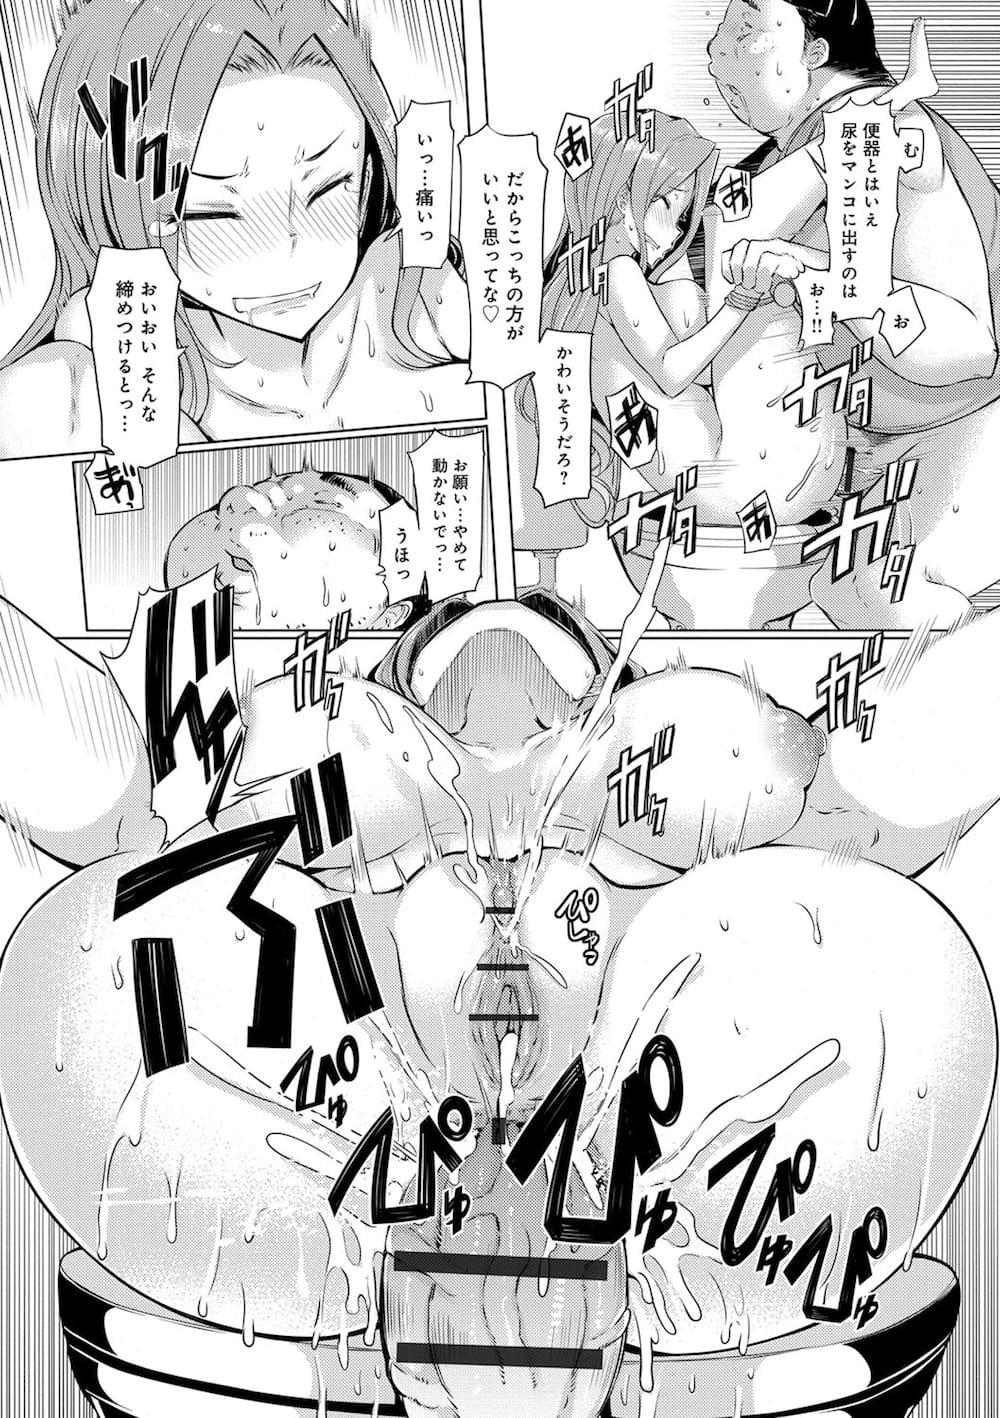 【エロ漫画・同人誌】兄妹で女三人を騙して島に閉じ込めて犯しまくり!さらに兄妹セックスも楽しんじゃう♪ 006